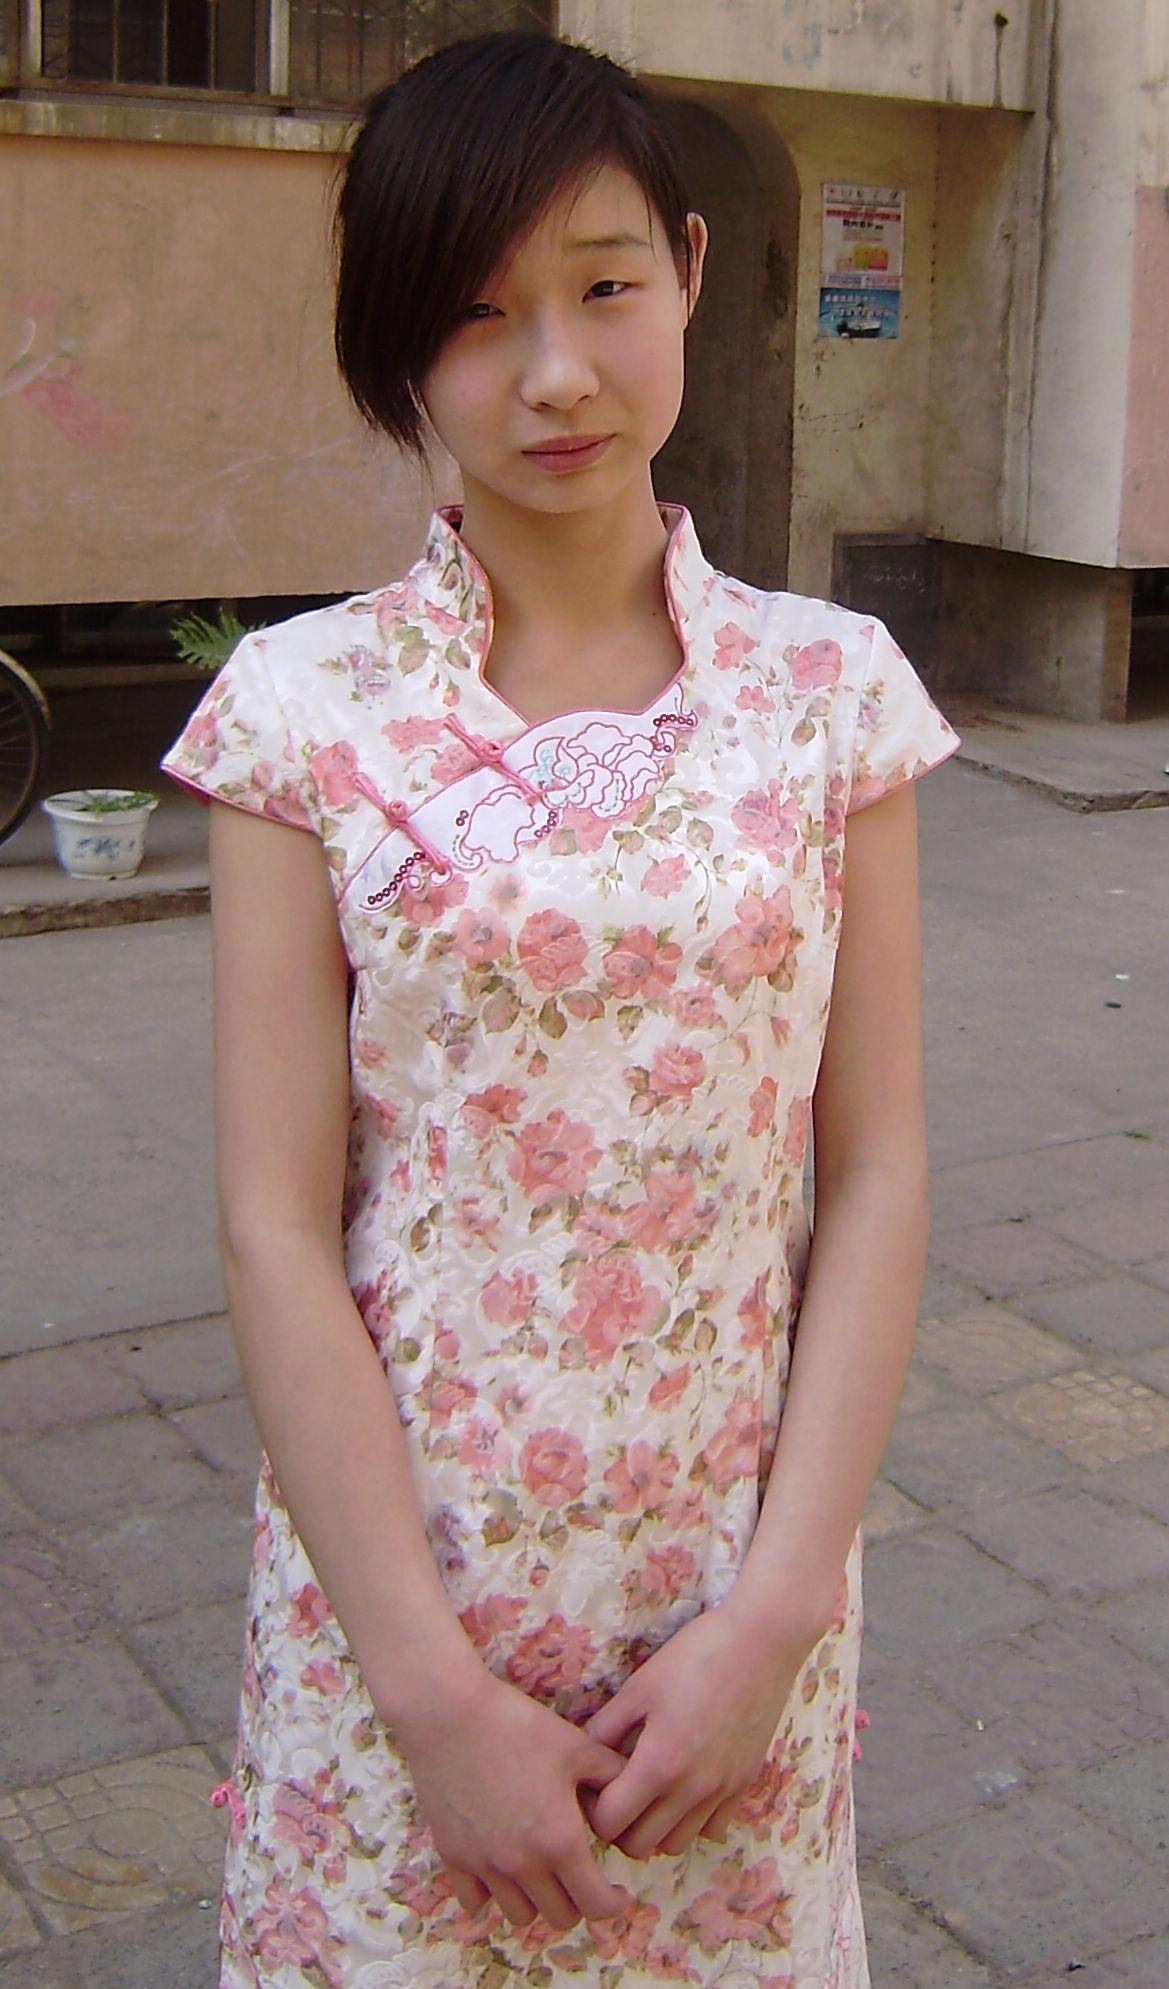 16岁的少女素颜照片; 素颜普通女生照片图片下载